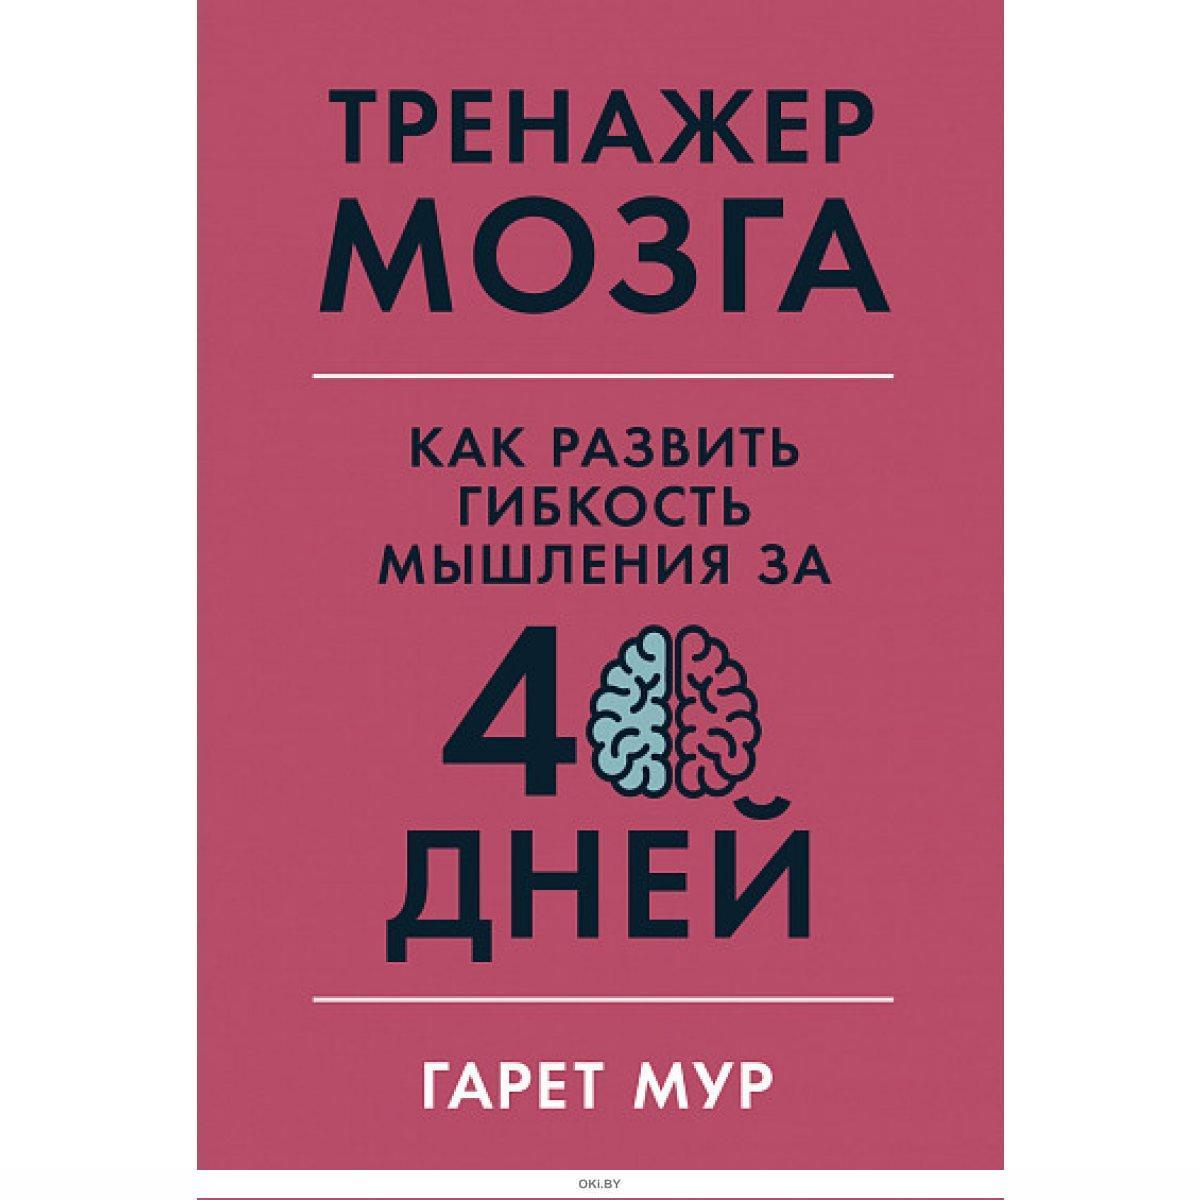 Тренажер мозга: Как развить гибкость мышления за 40 дней (Мур Г. / eks)